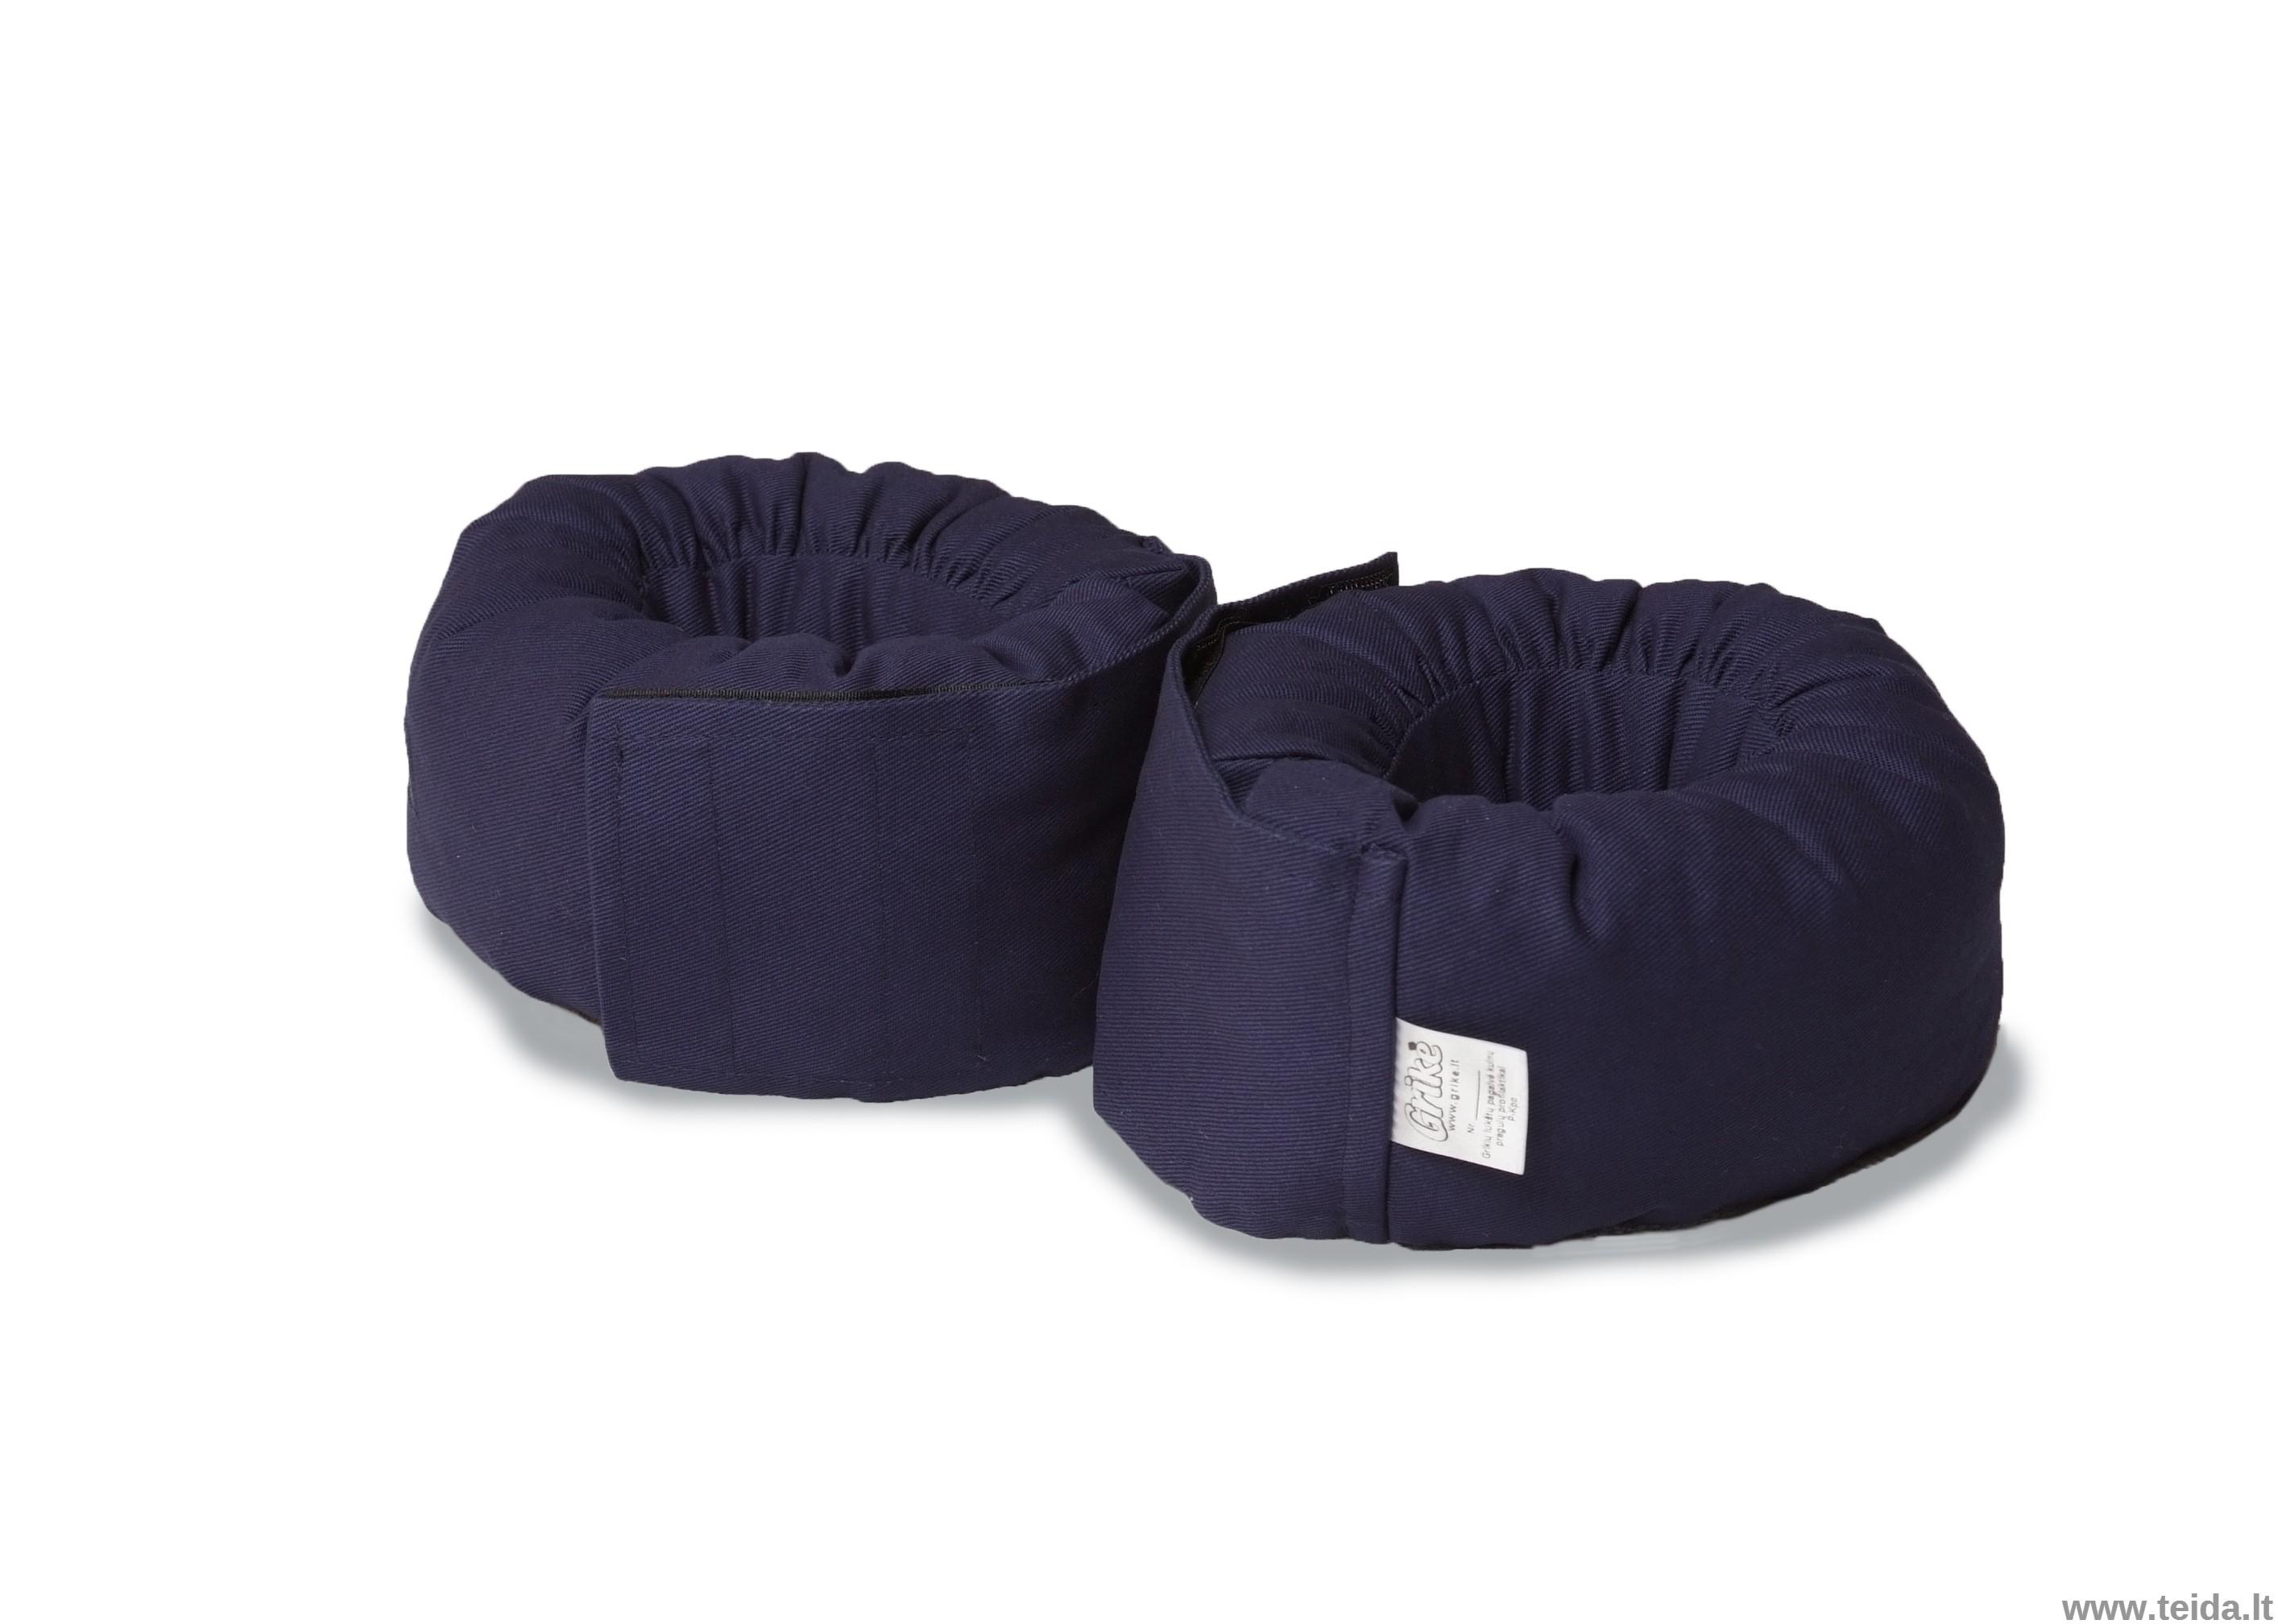 Grikių lukštų pagalvėlės kulnų apsaugai